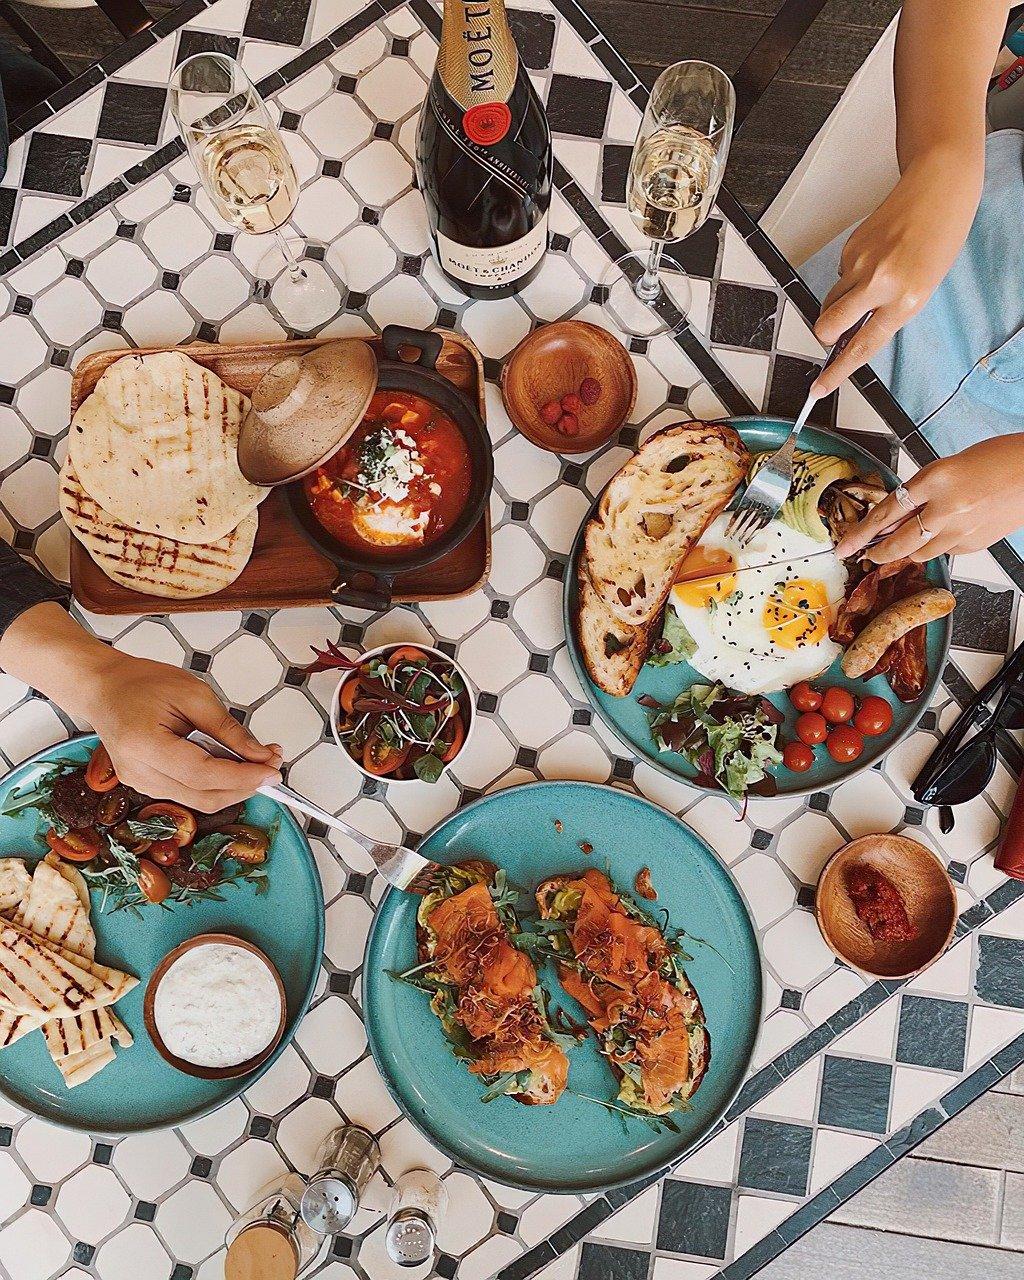 Kuvituskuva: jaettu lounaspöytä, jossa kaksi ihmistä syömässä